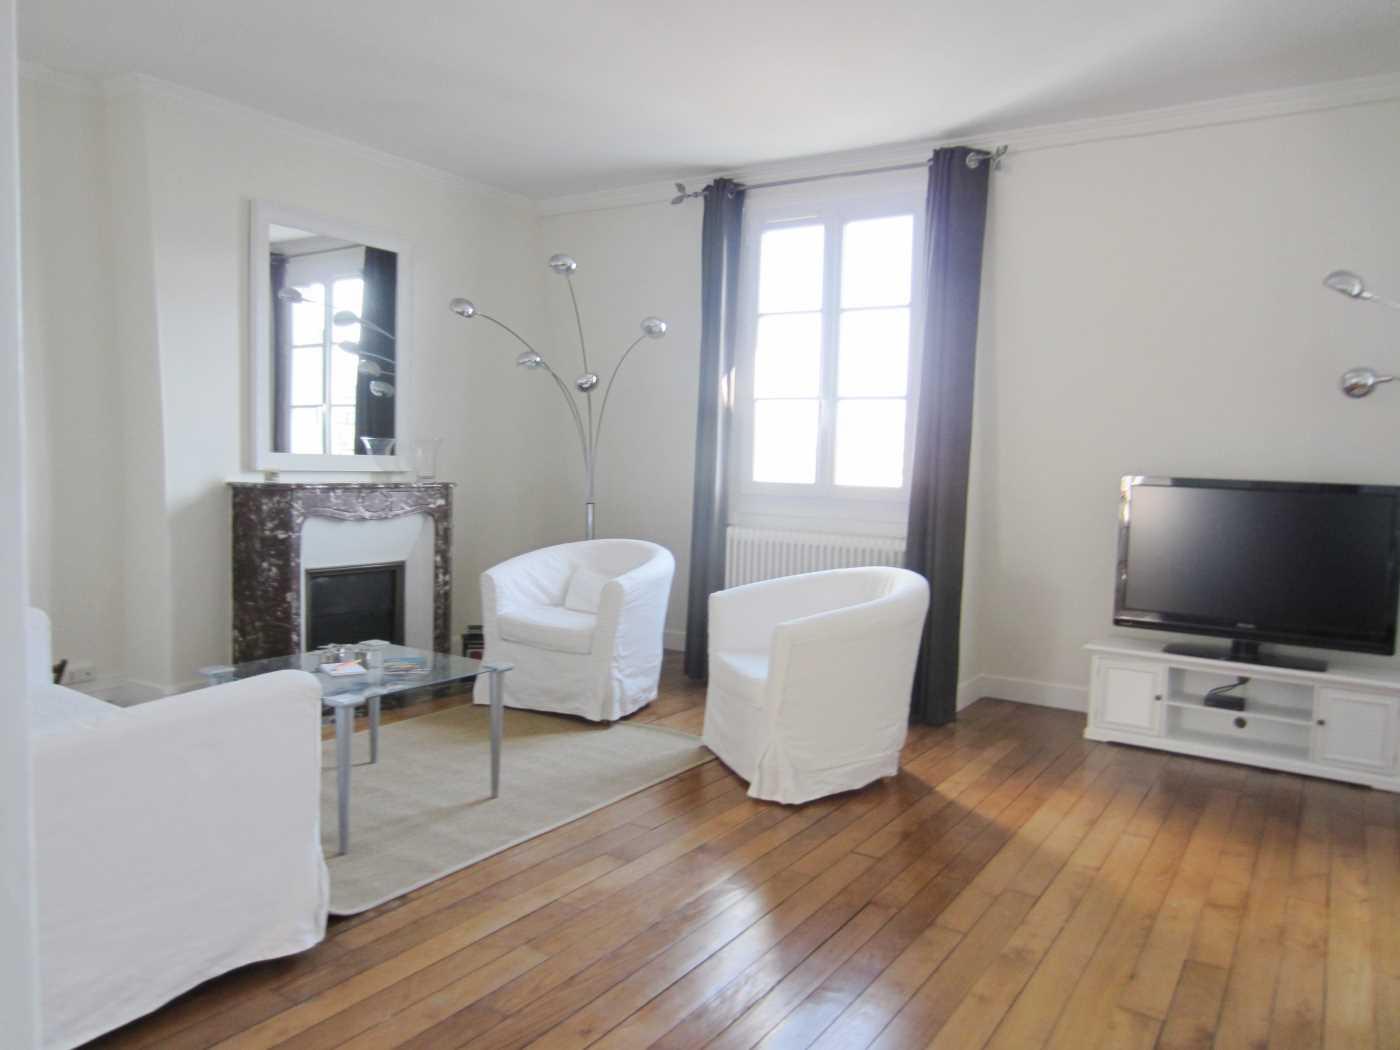 ce bien nest plus disponible metro 3 louise michel plans transports location appartement meuble 2 chambres neuilly sur seine